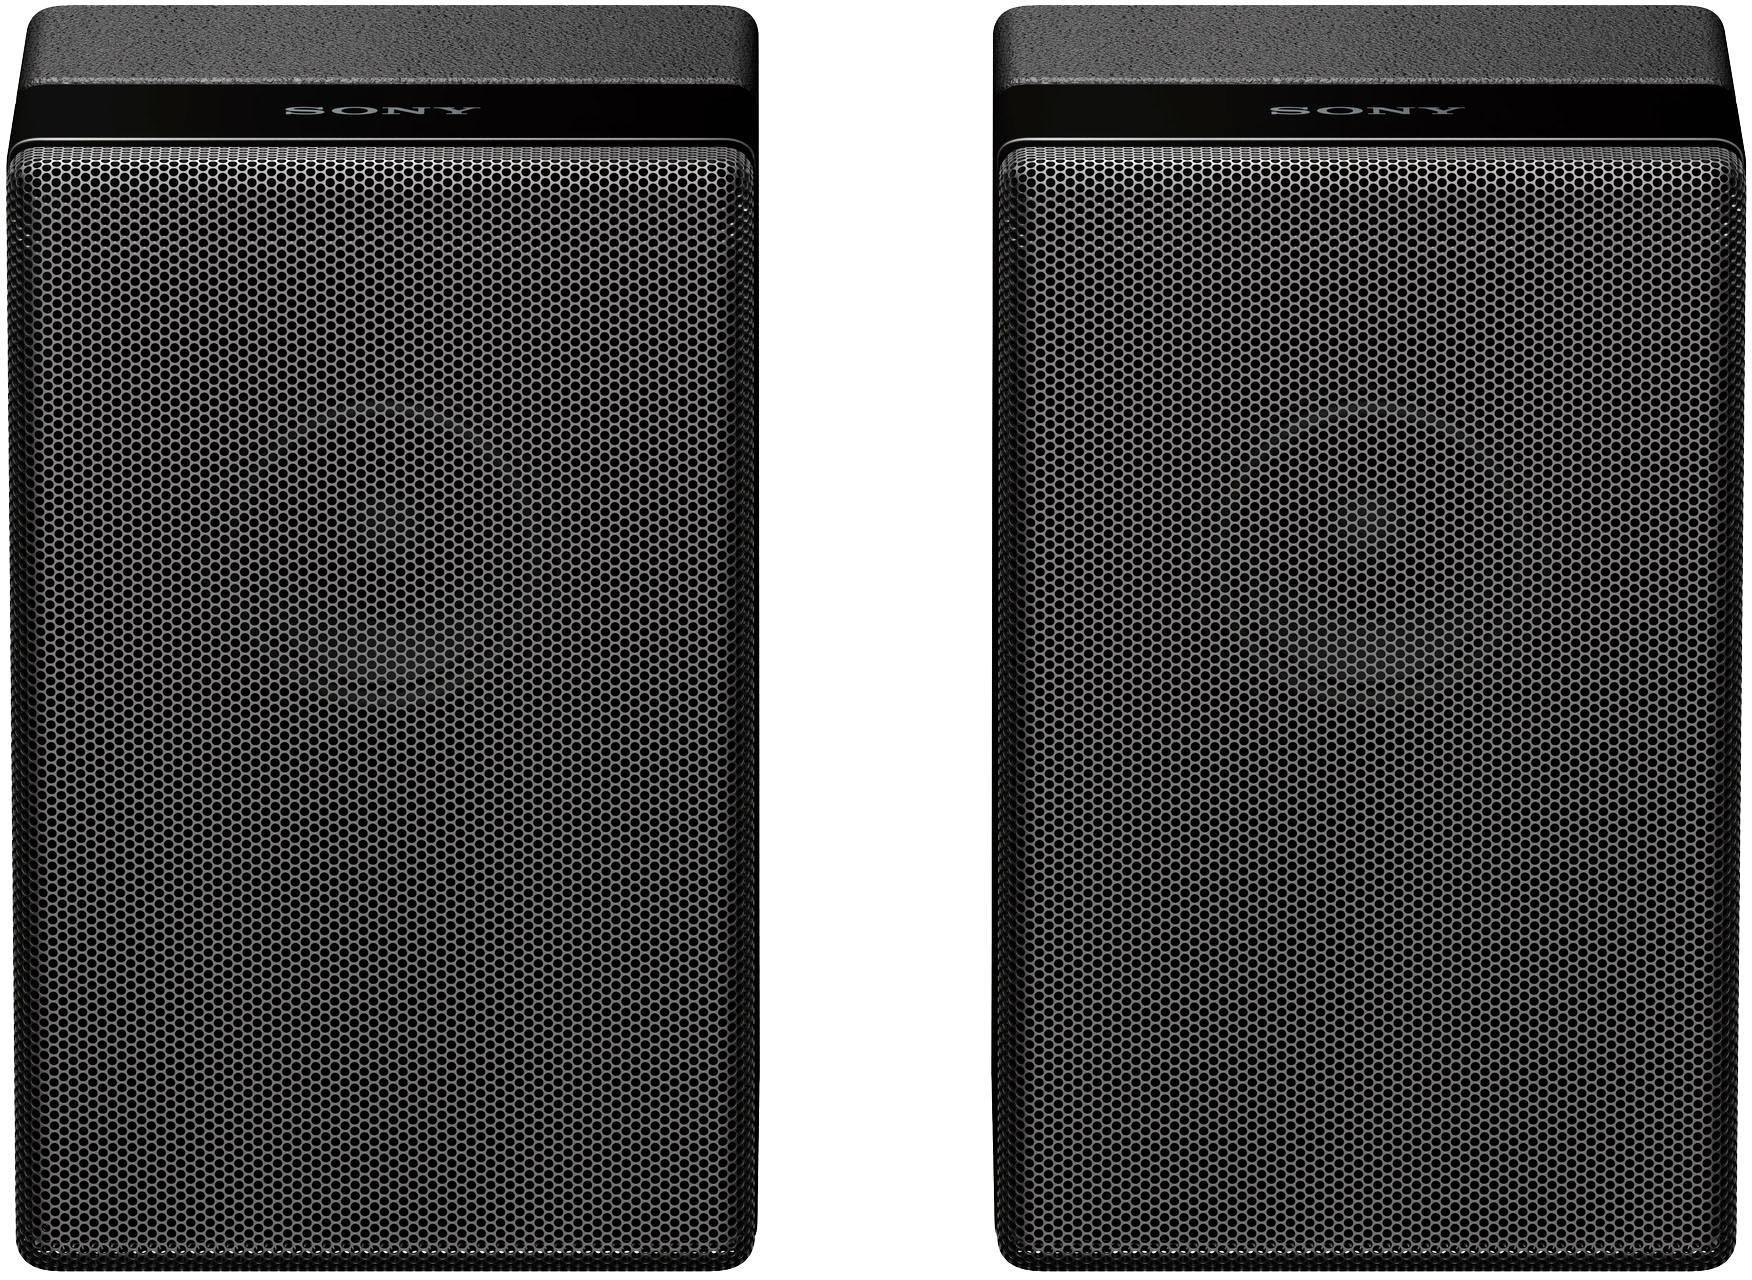 SONY »SA-Z9R« luidsprekersysteem (100 W) veilig op otto.nl kopen